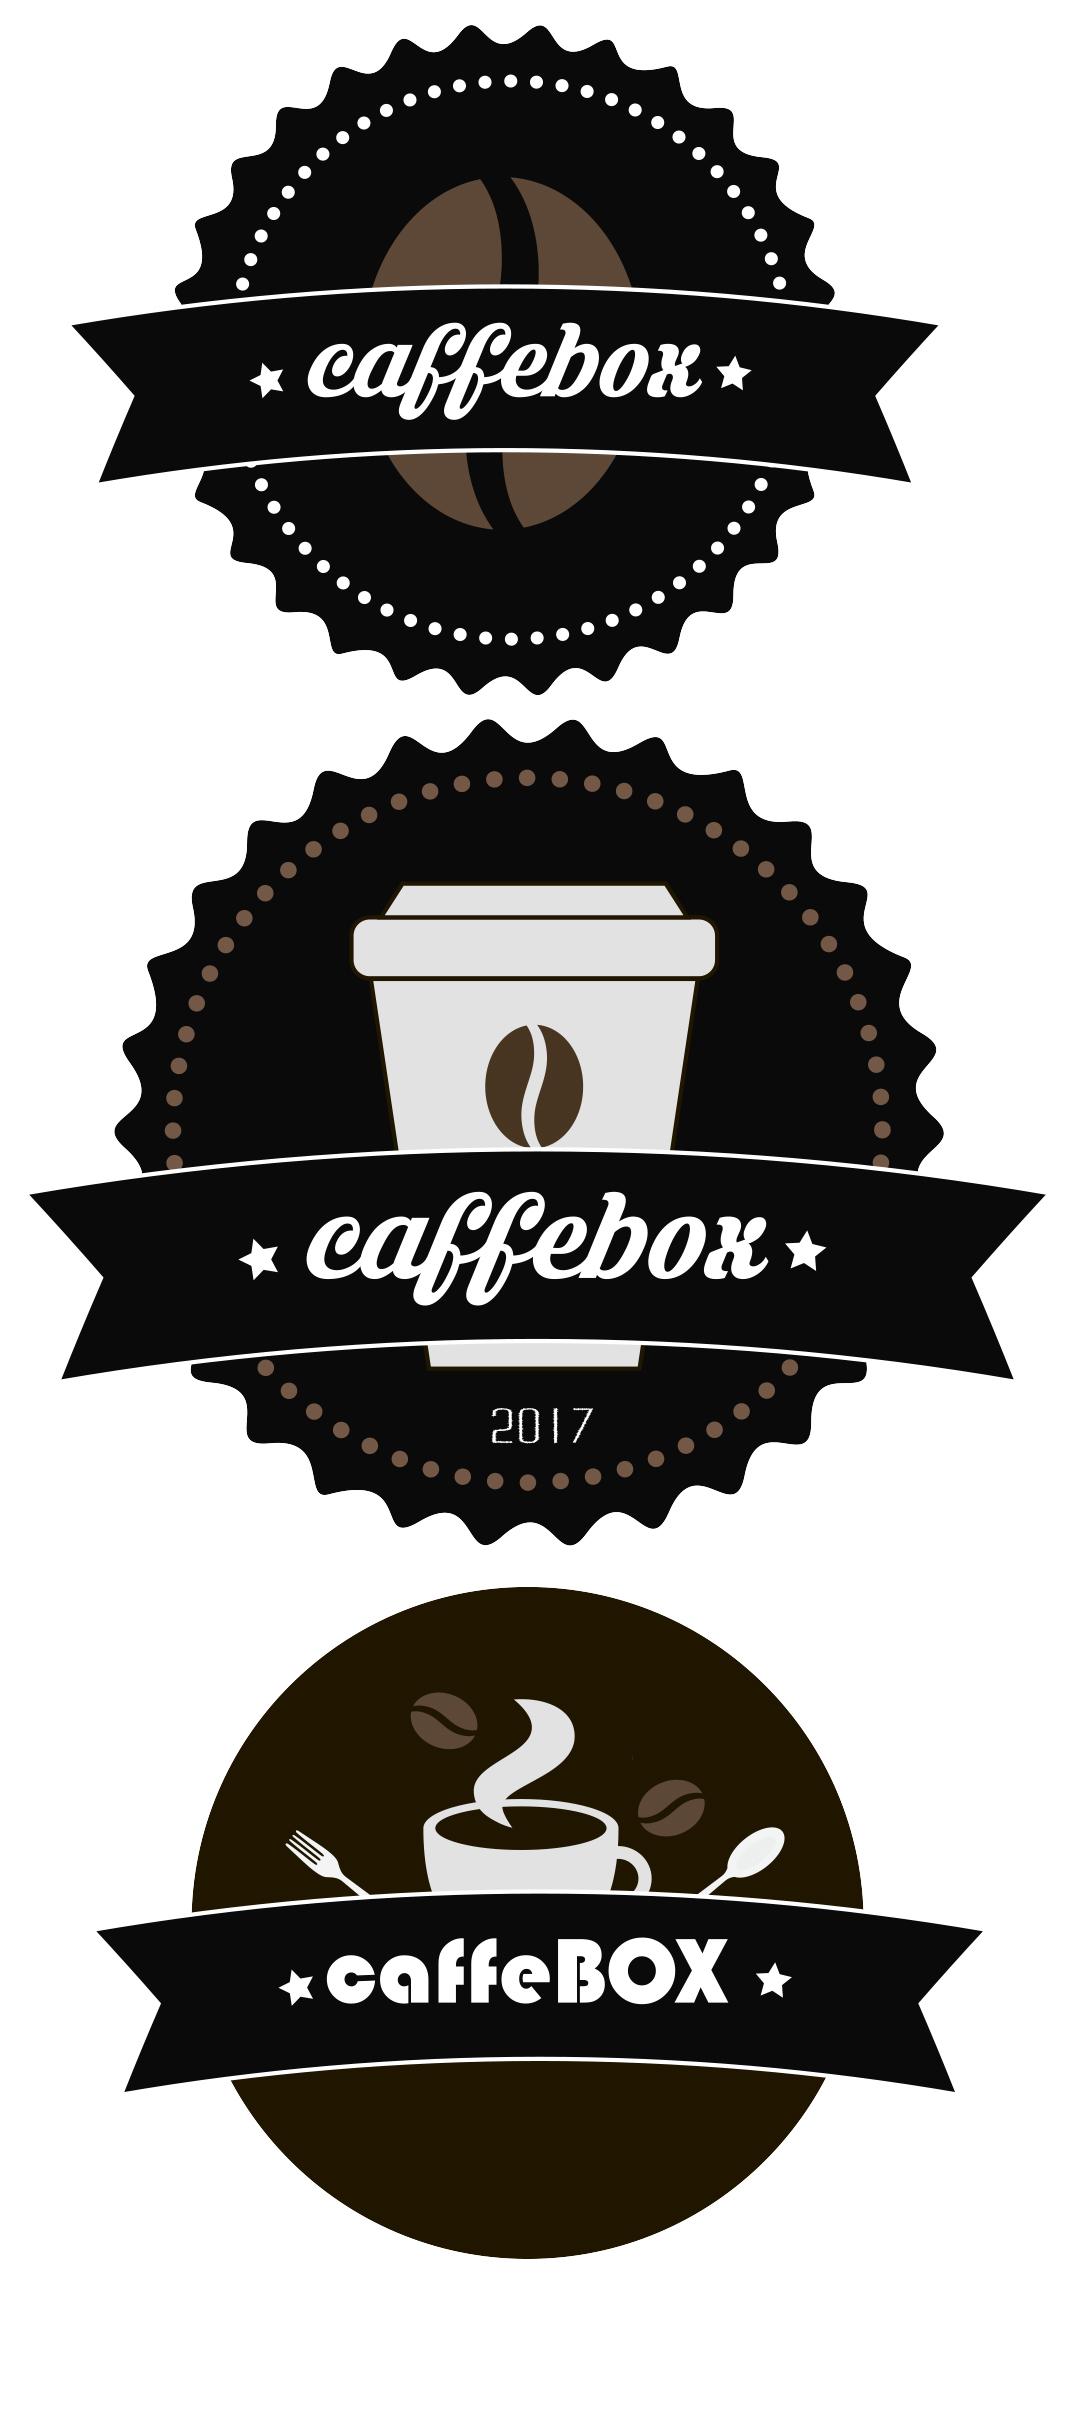 Требуется очень срочно разработать логотип кофейни! фото f_4635a10040769d2d.jpg